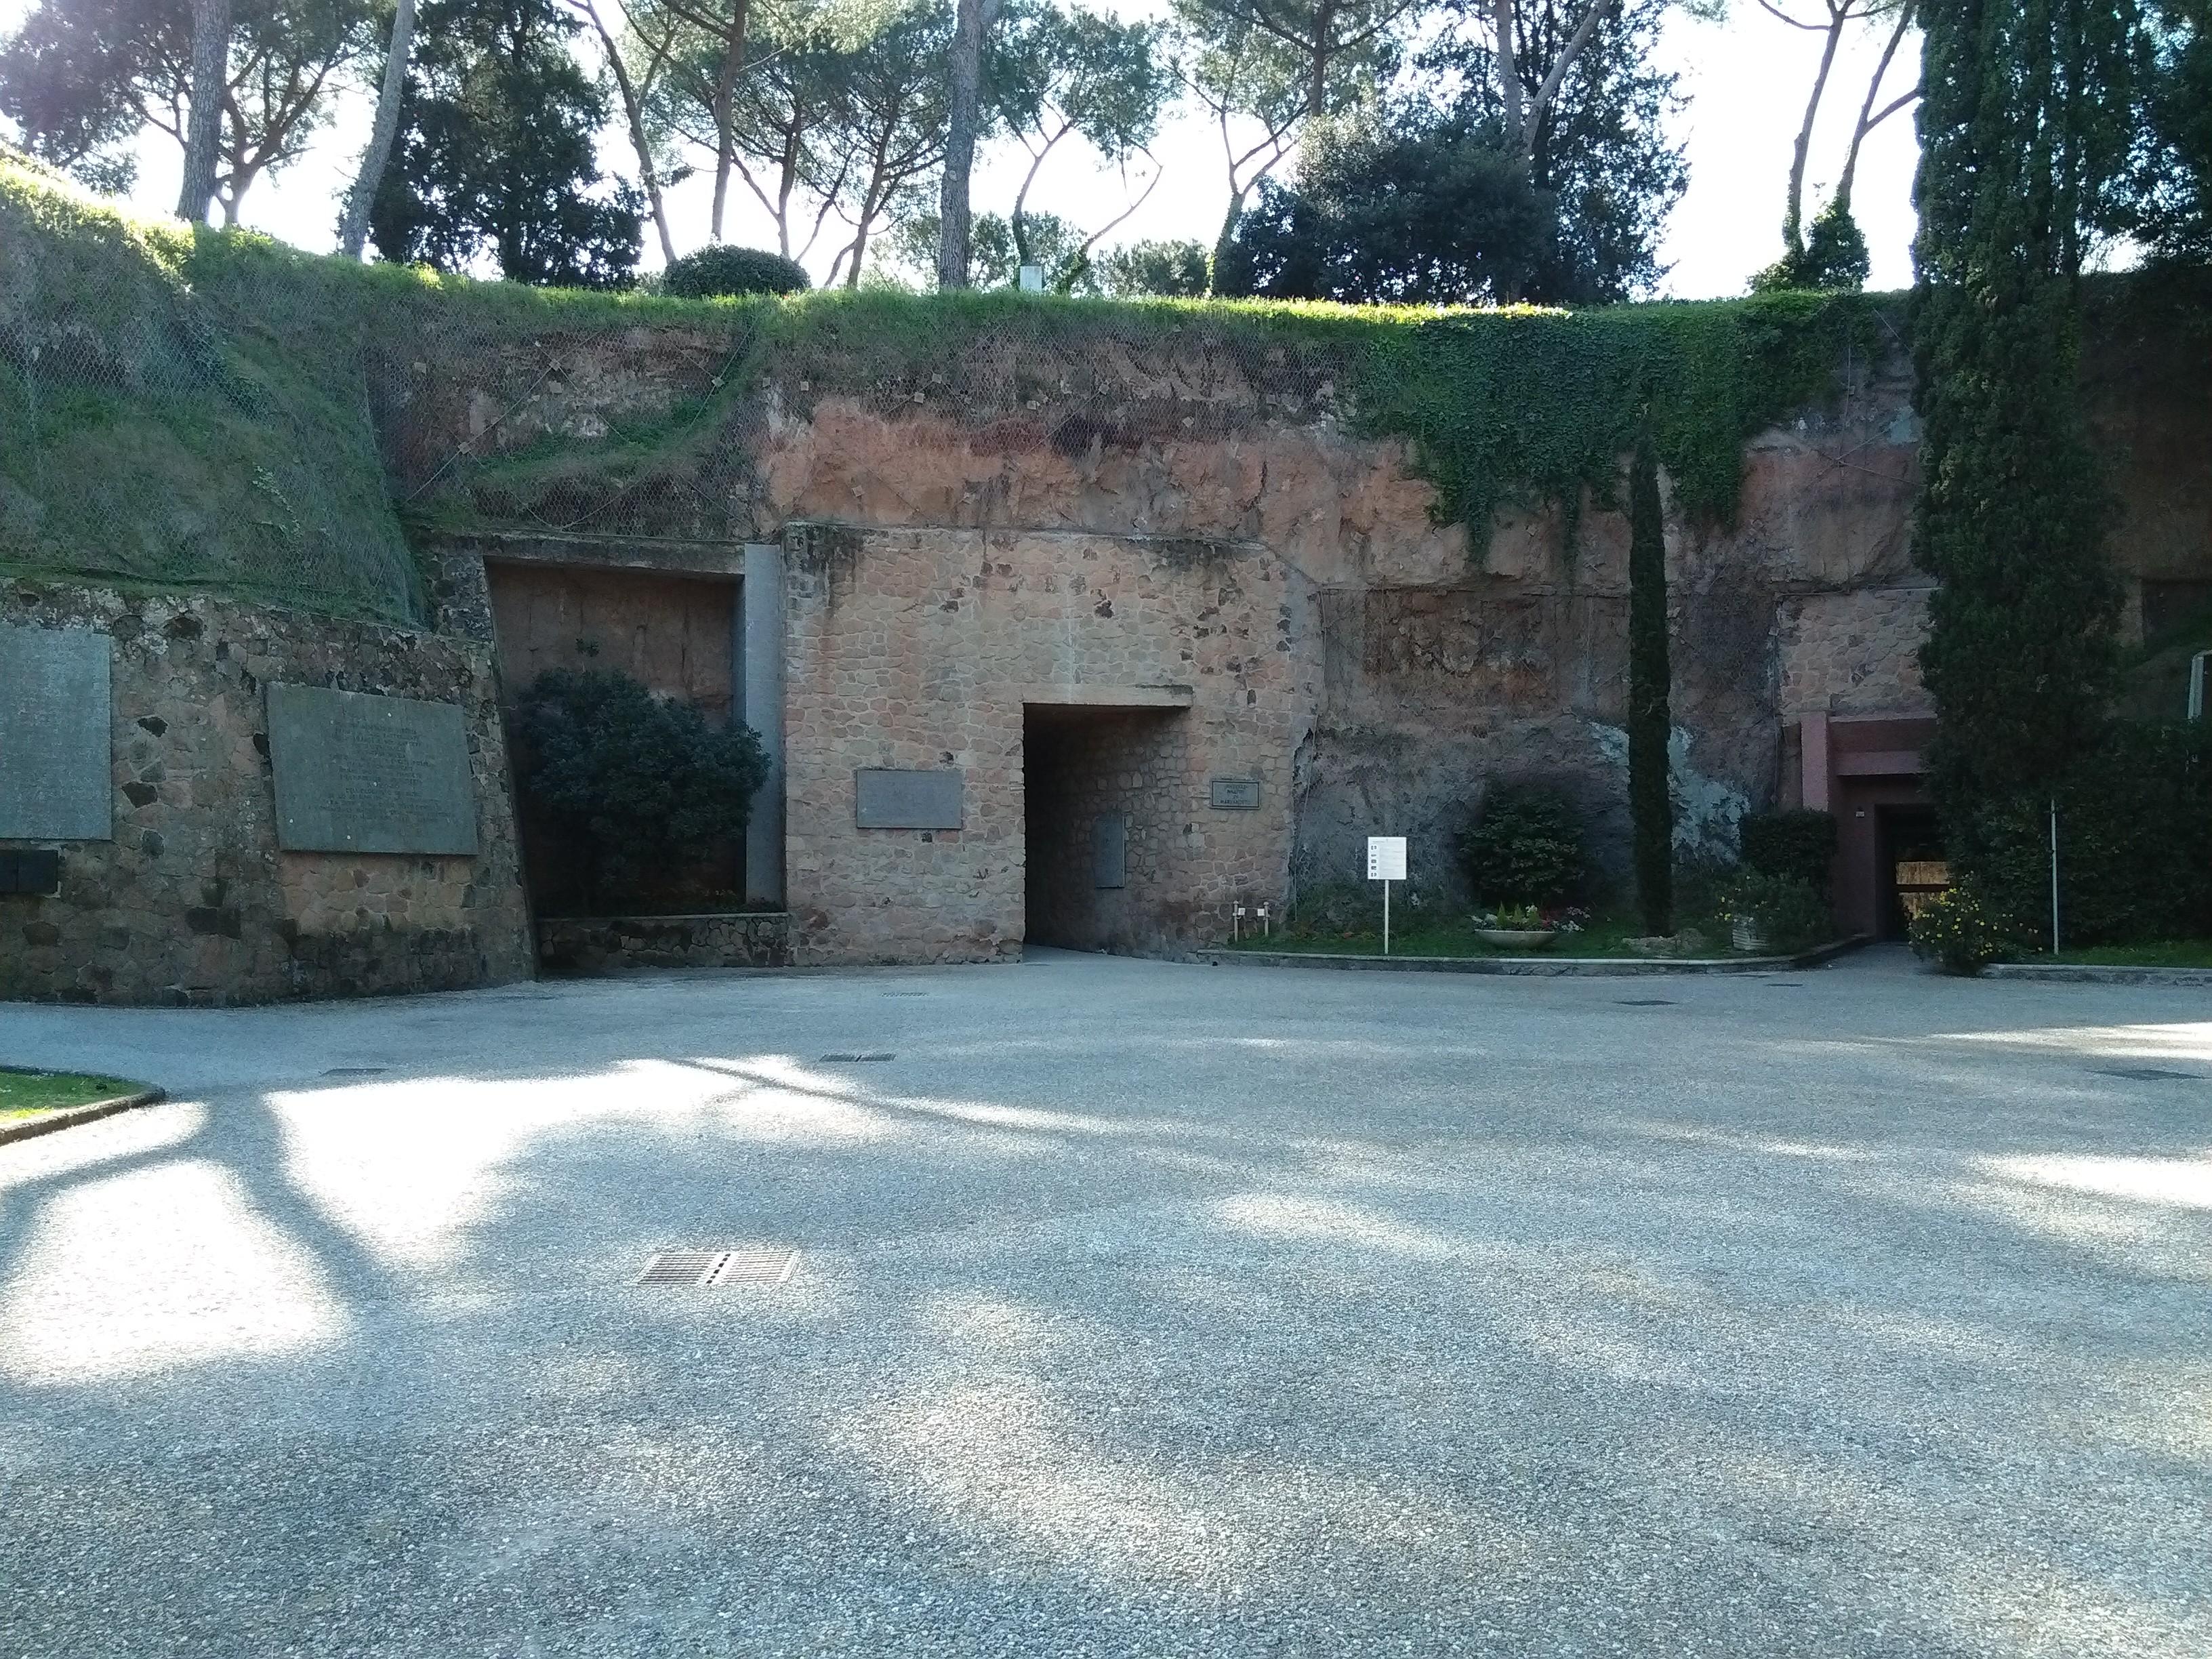 L'ingresso delle Fosse Ardeatine.